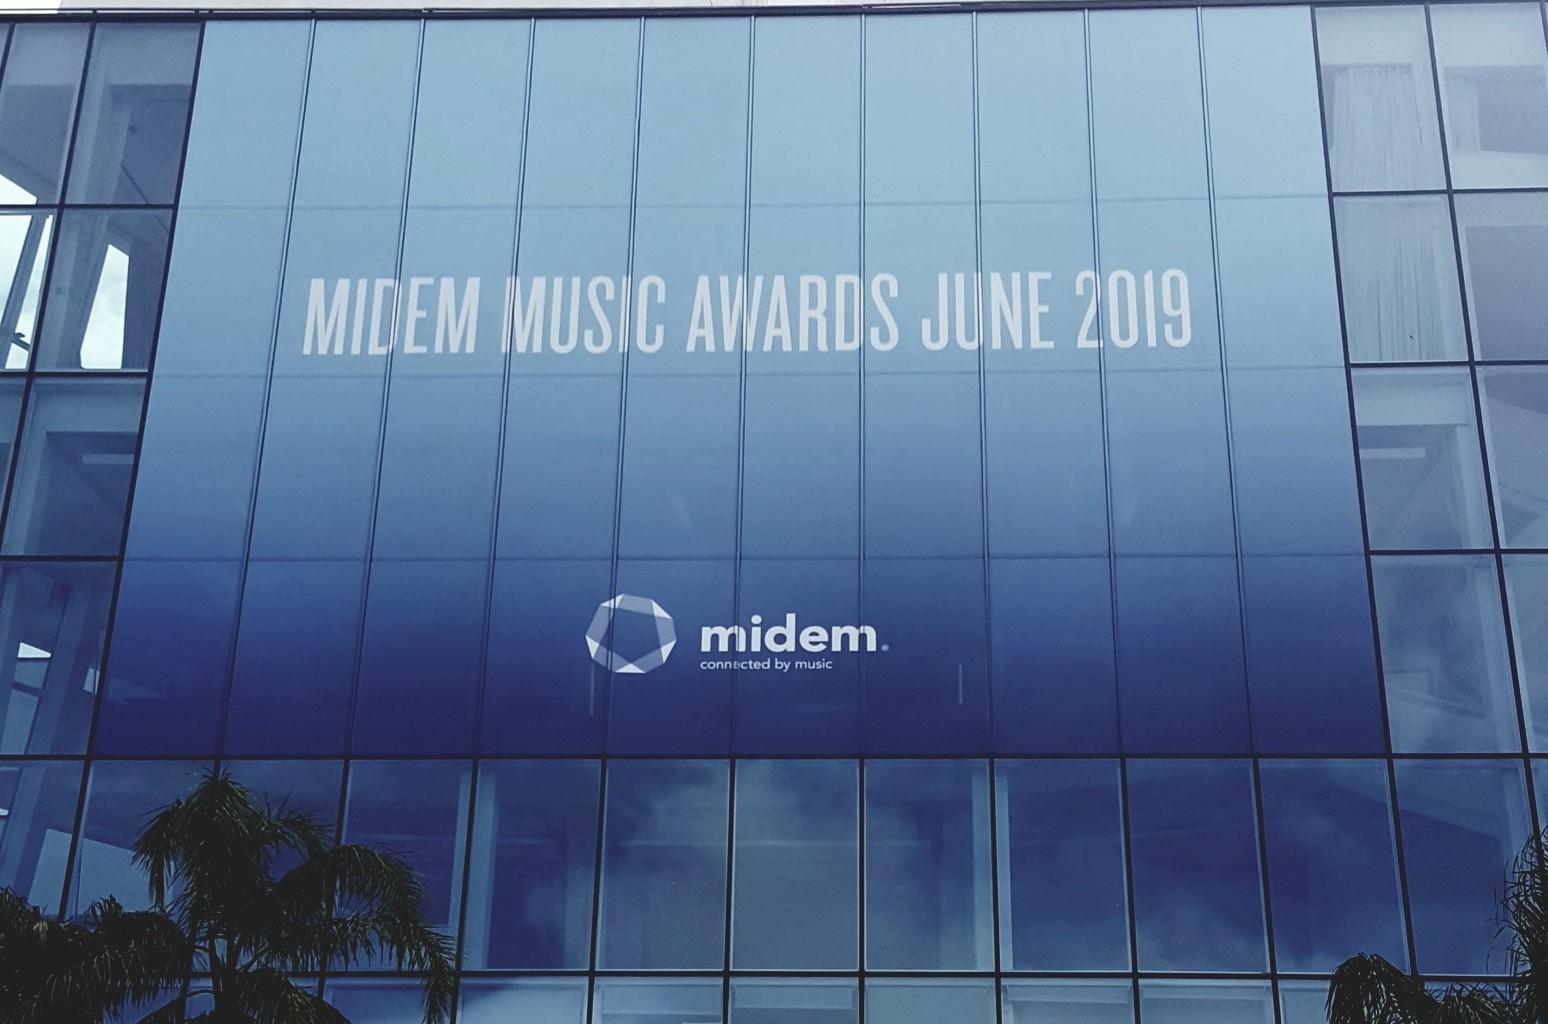 Midem Music Awards